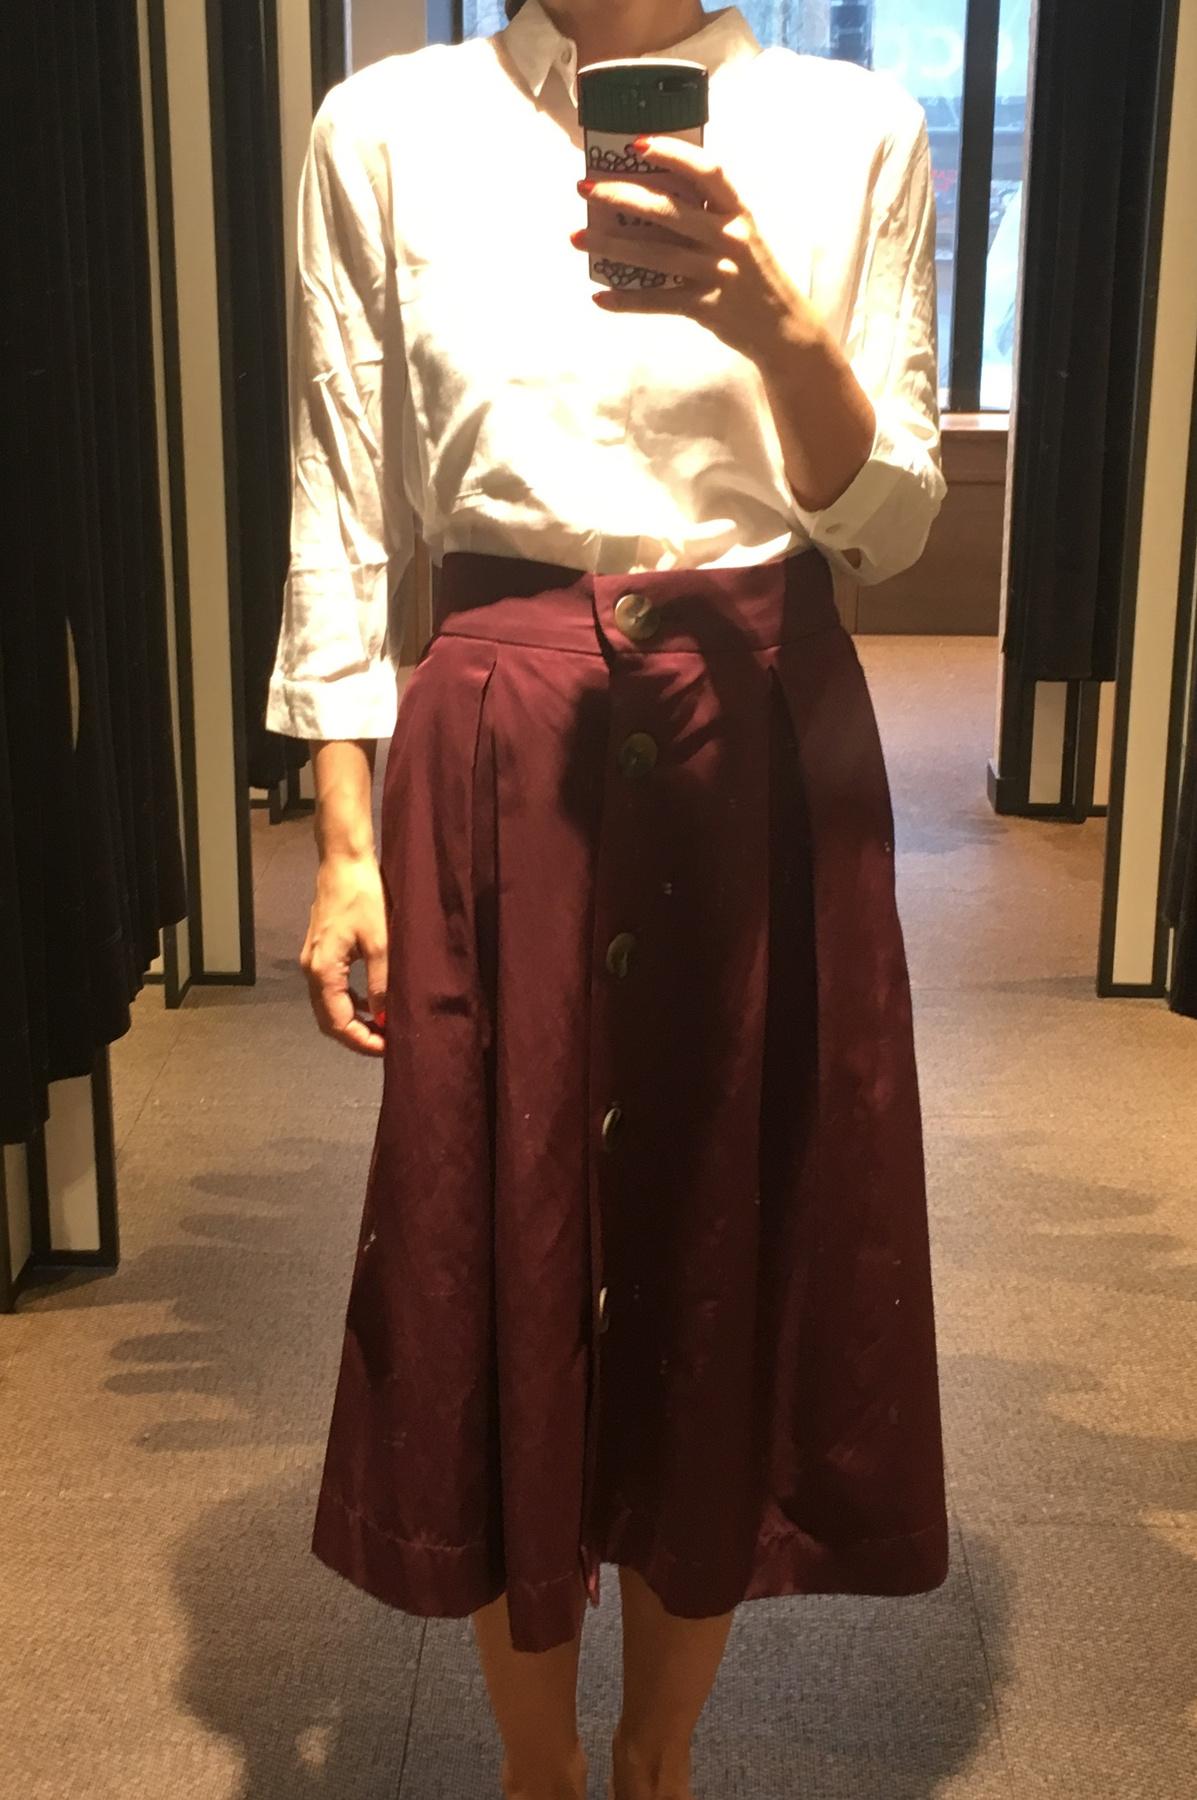 Zara: 15995 Ft